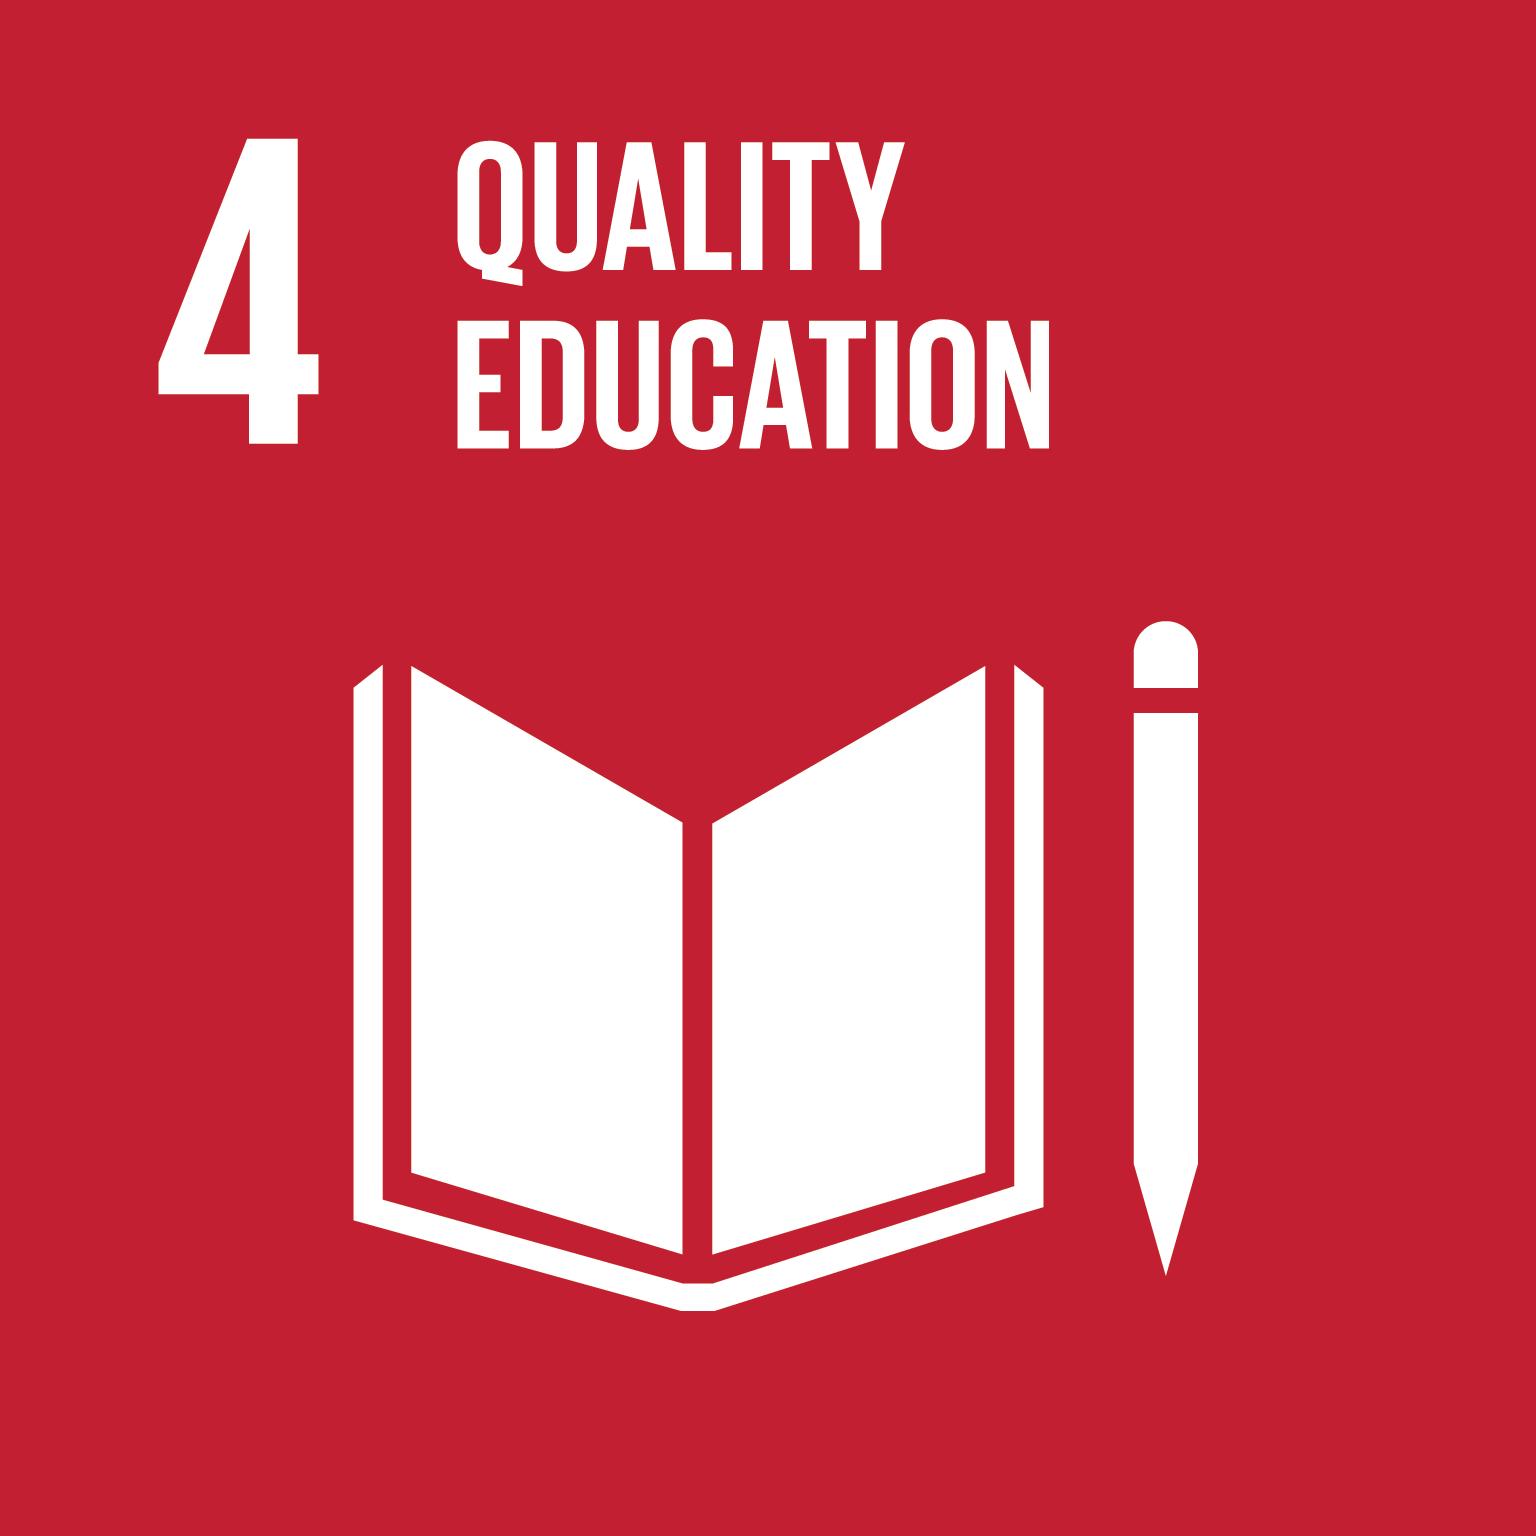 UN SDG goal 4